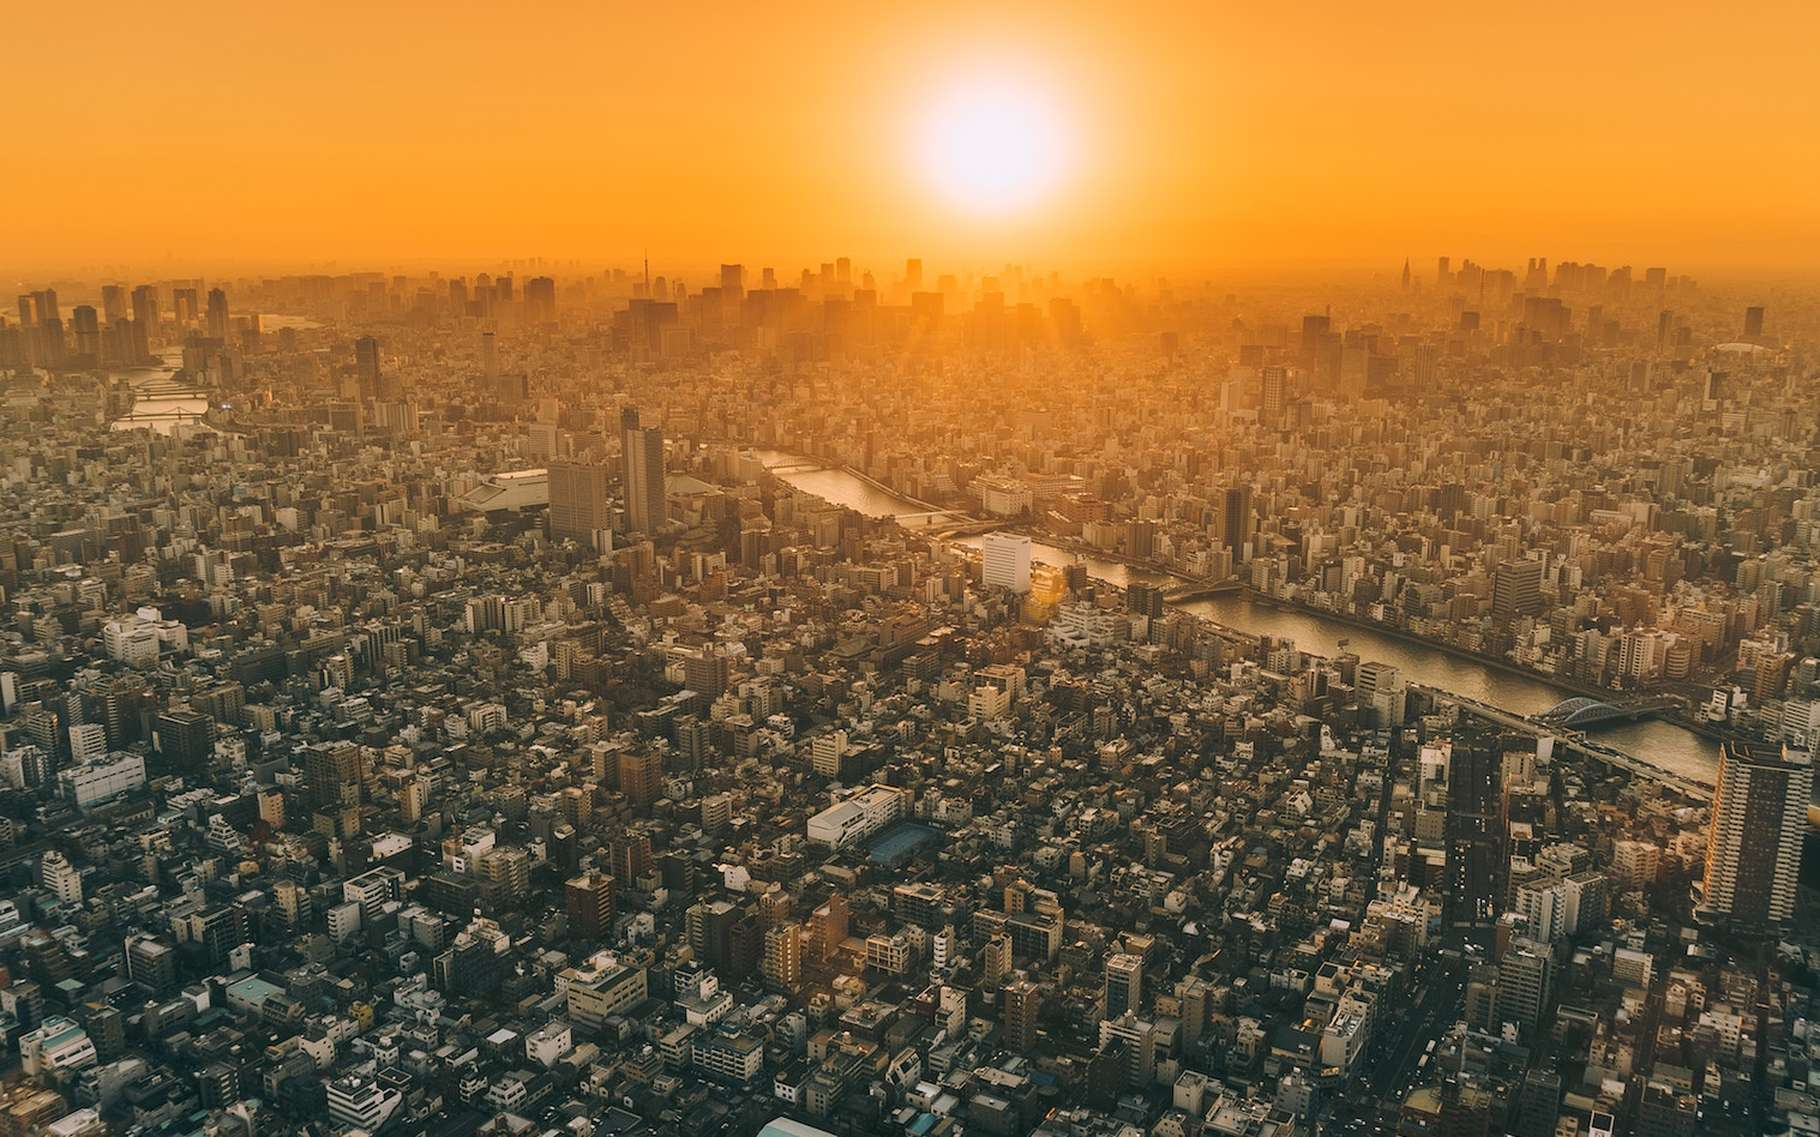 Tokyo peut être considérée comme la plus grande ville du monde. © Arto Marttinen, Unsplash